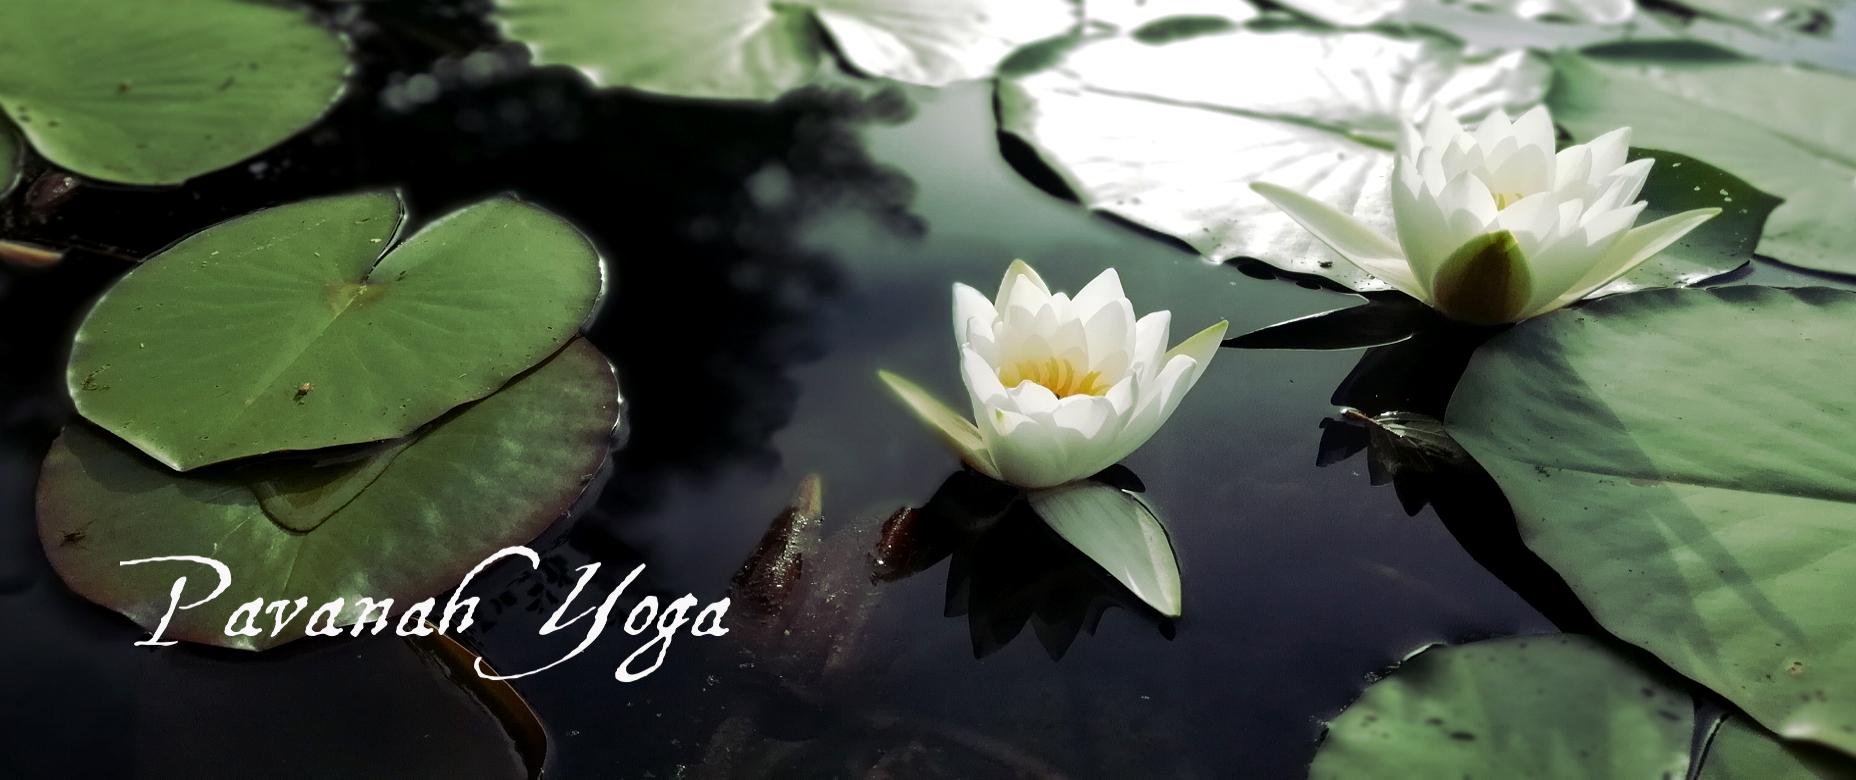 Pavanah yoga